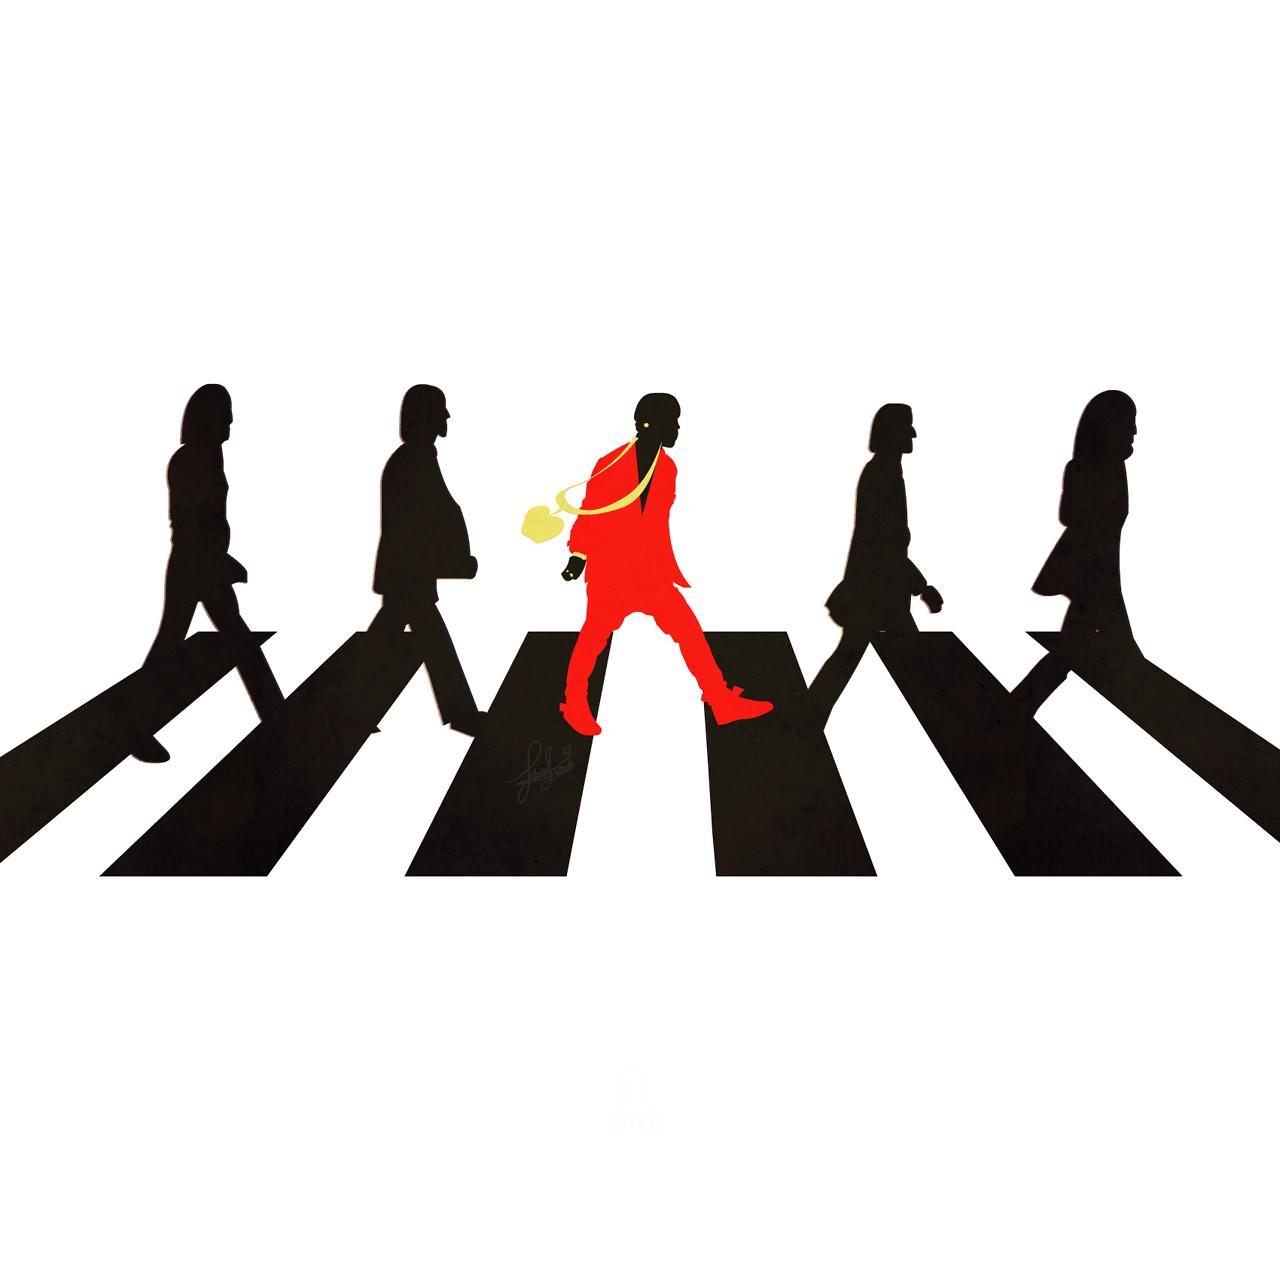 Álbum y single: The Beatles VS Kanye West (Mash-Up)